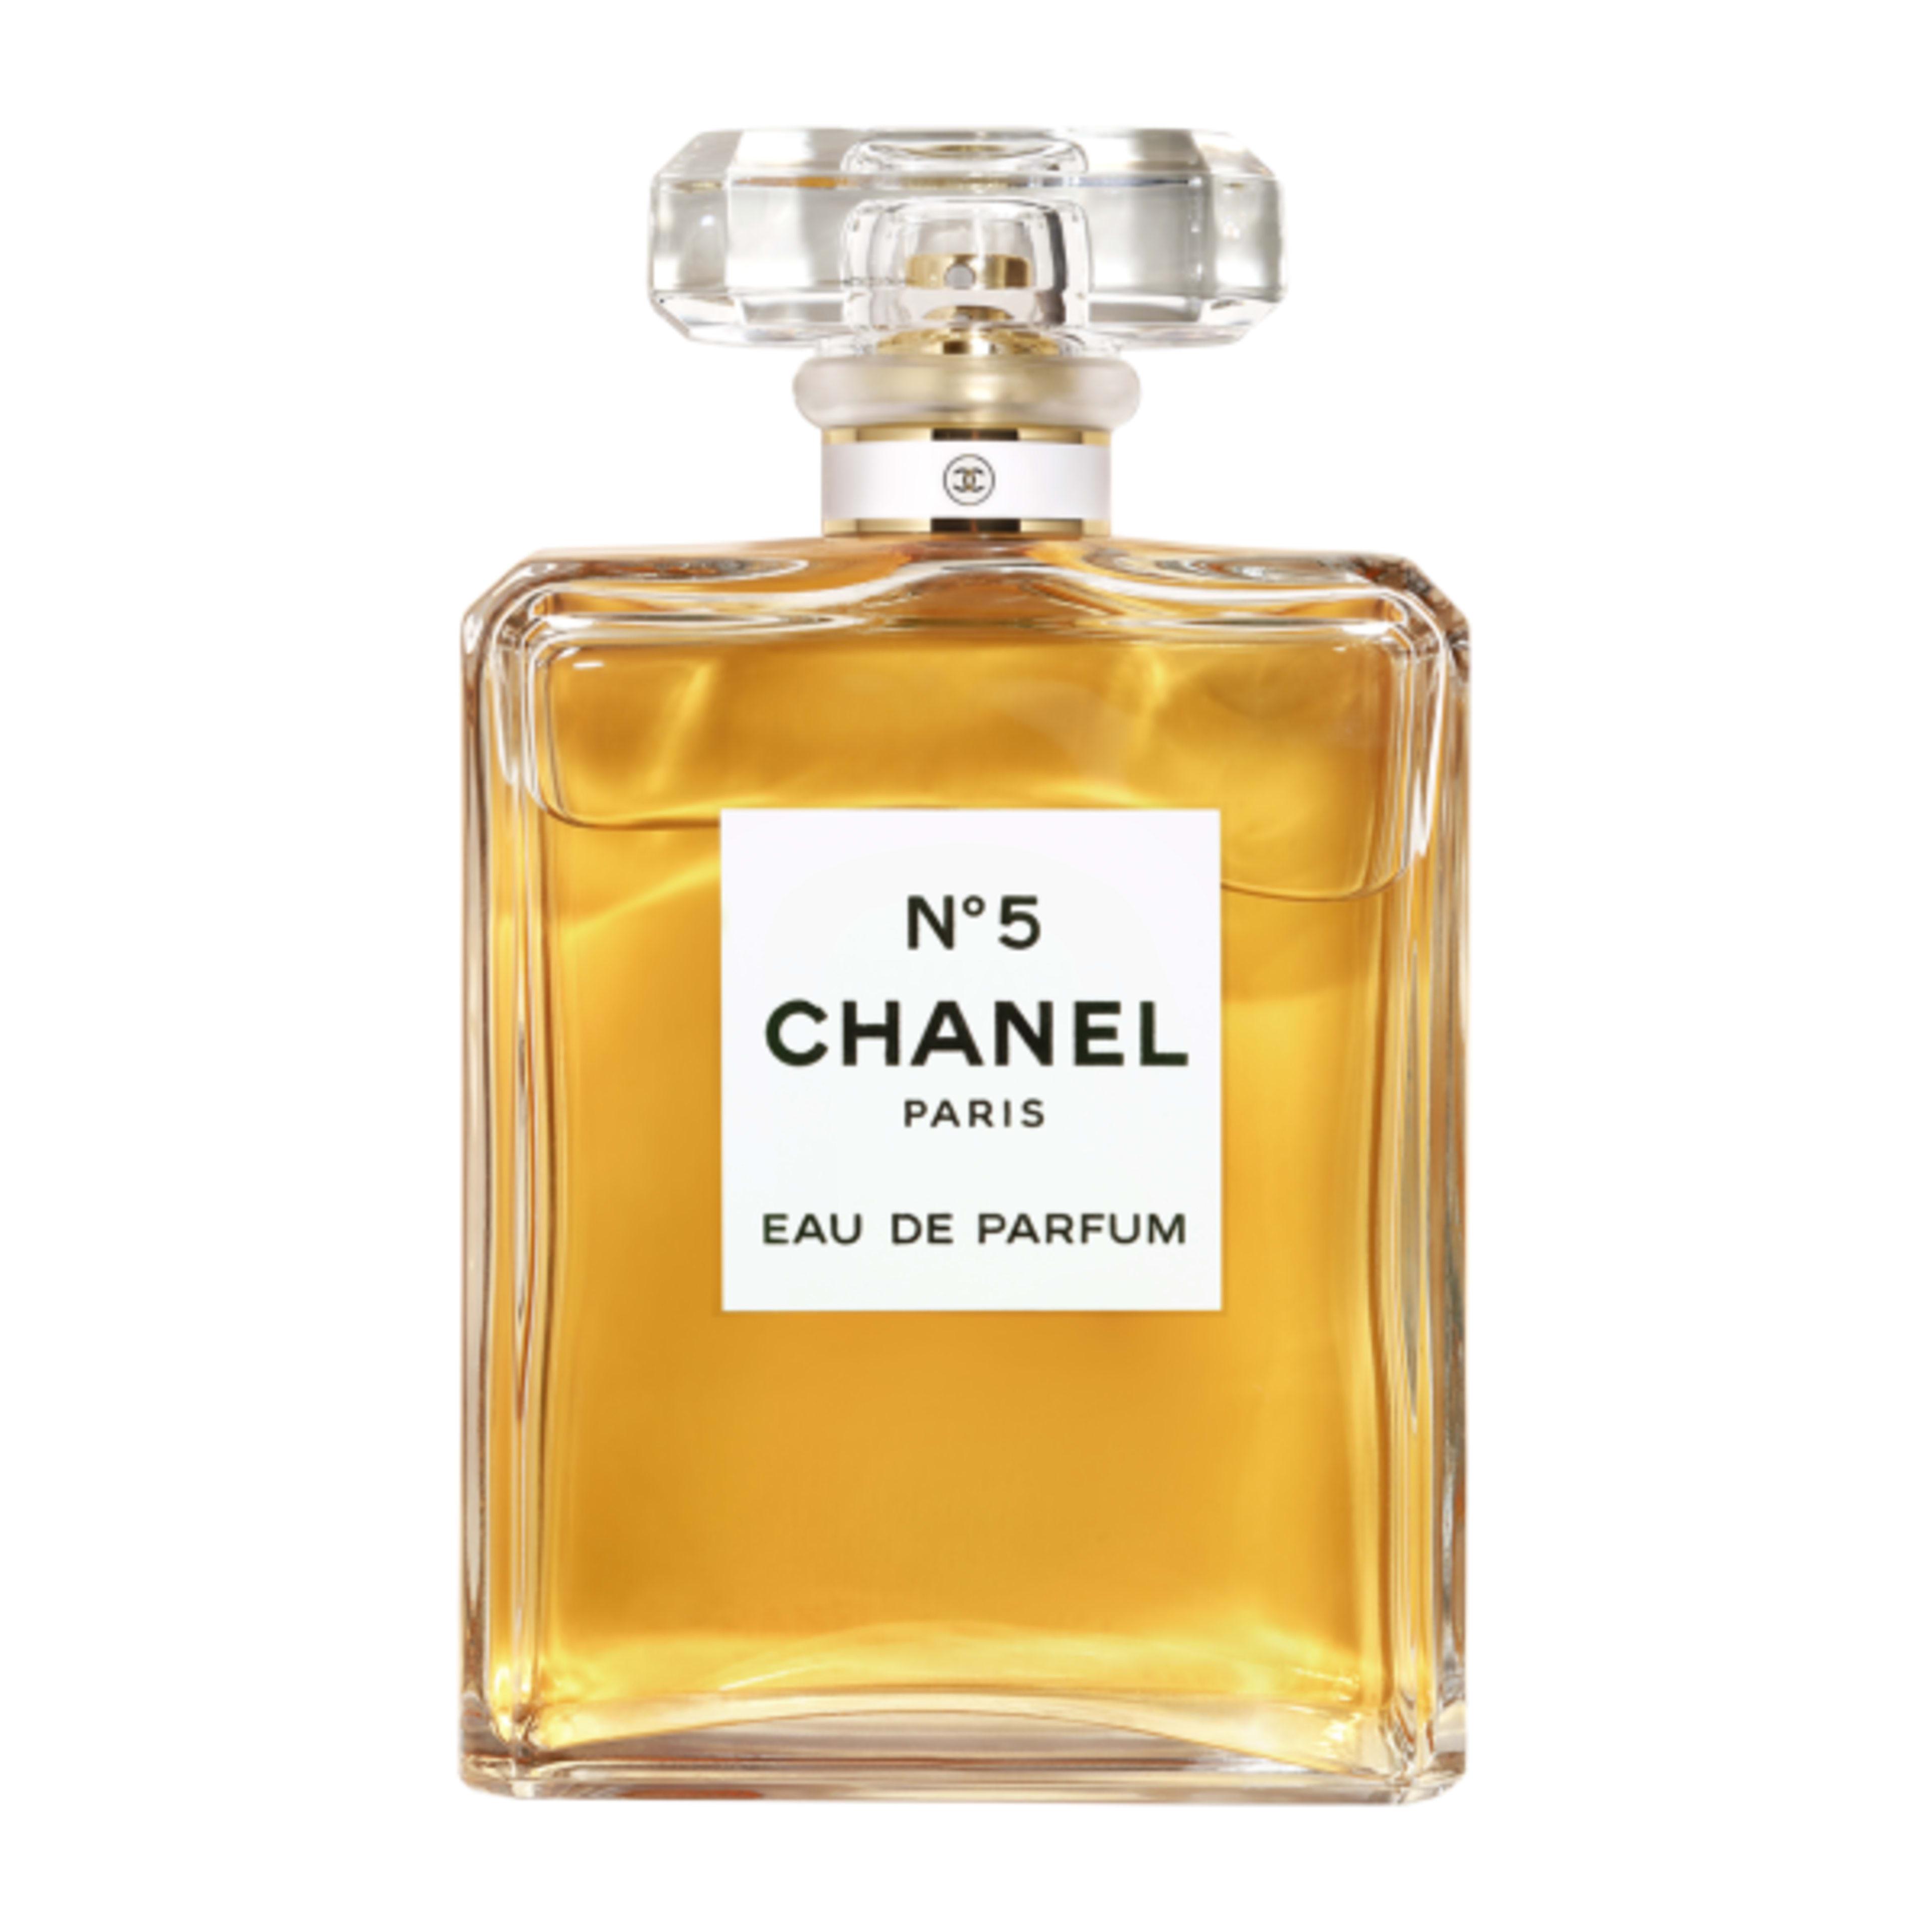 chanel n 5 eau de parfum